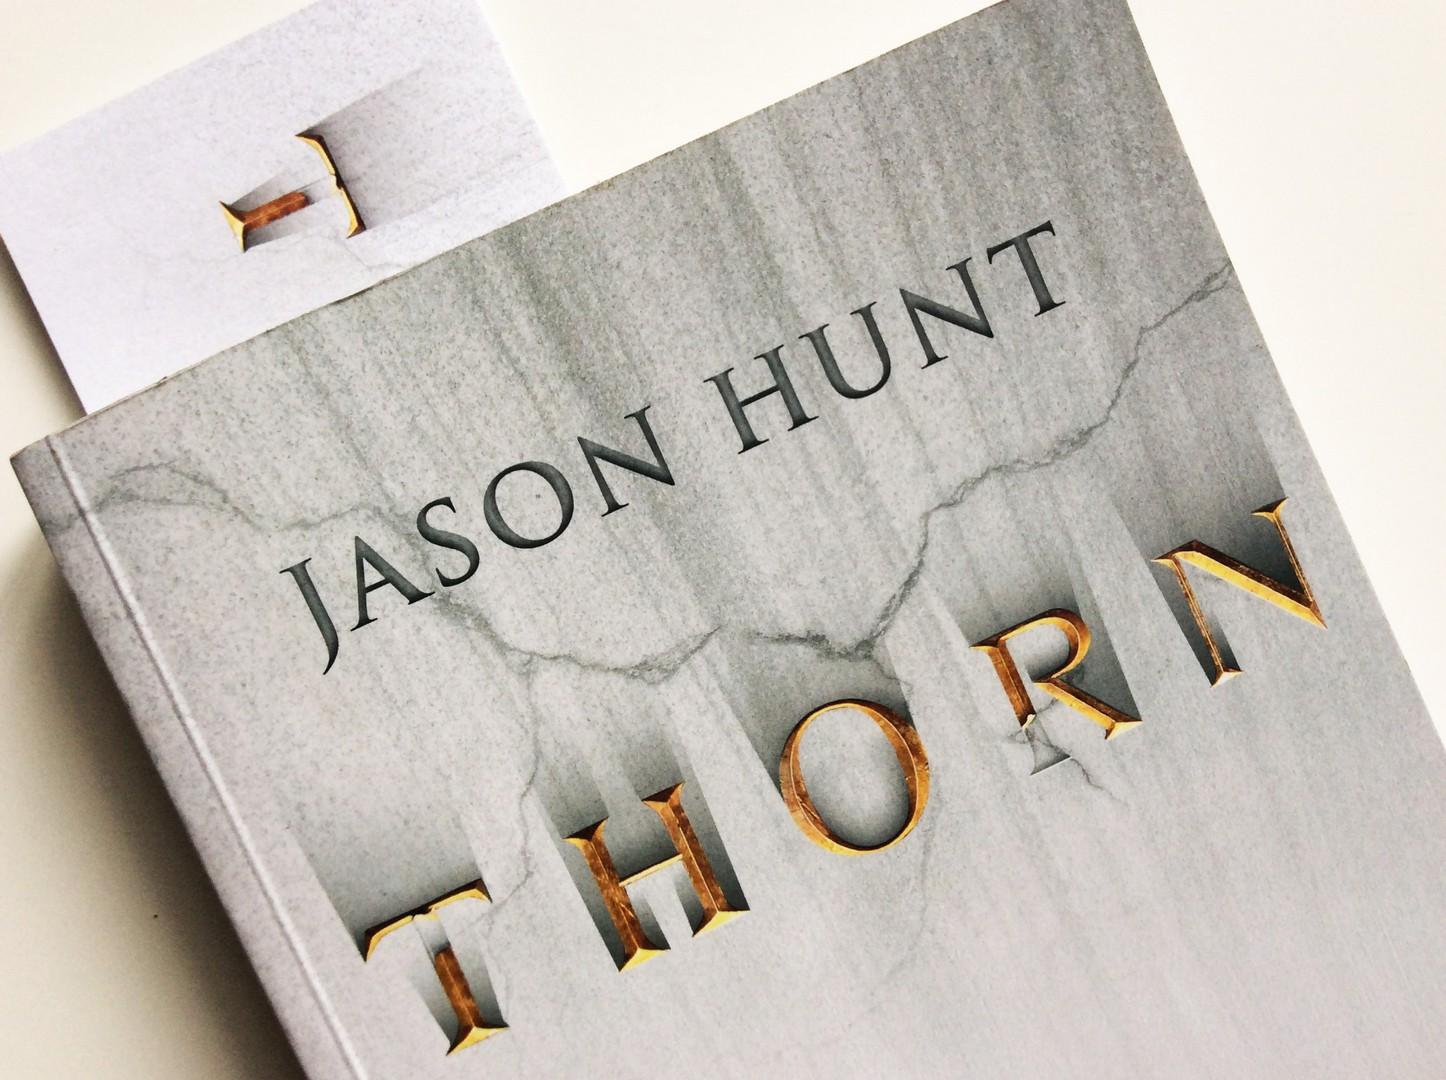 Thorn - Jason Hunt Ja mówię TO